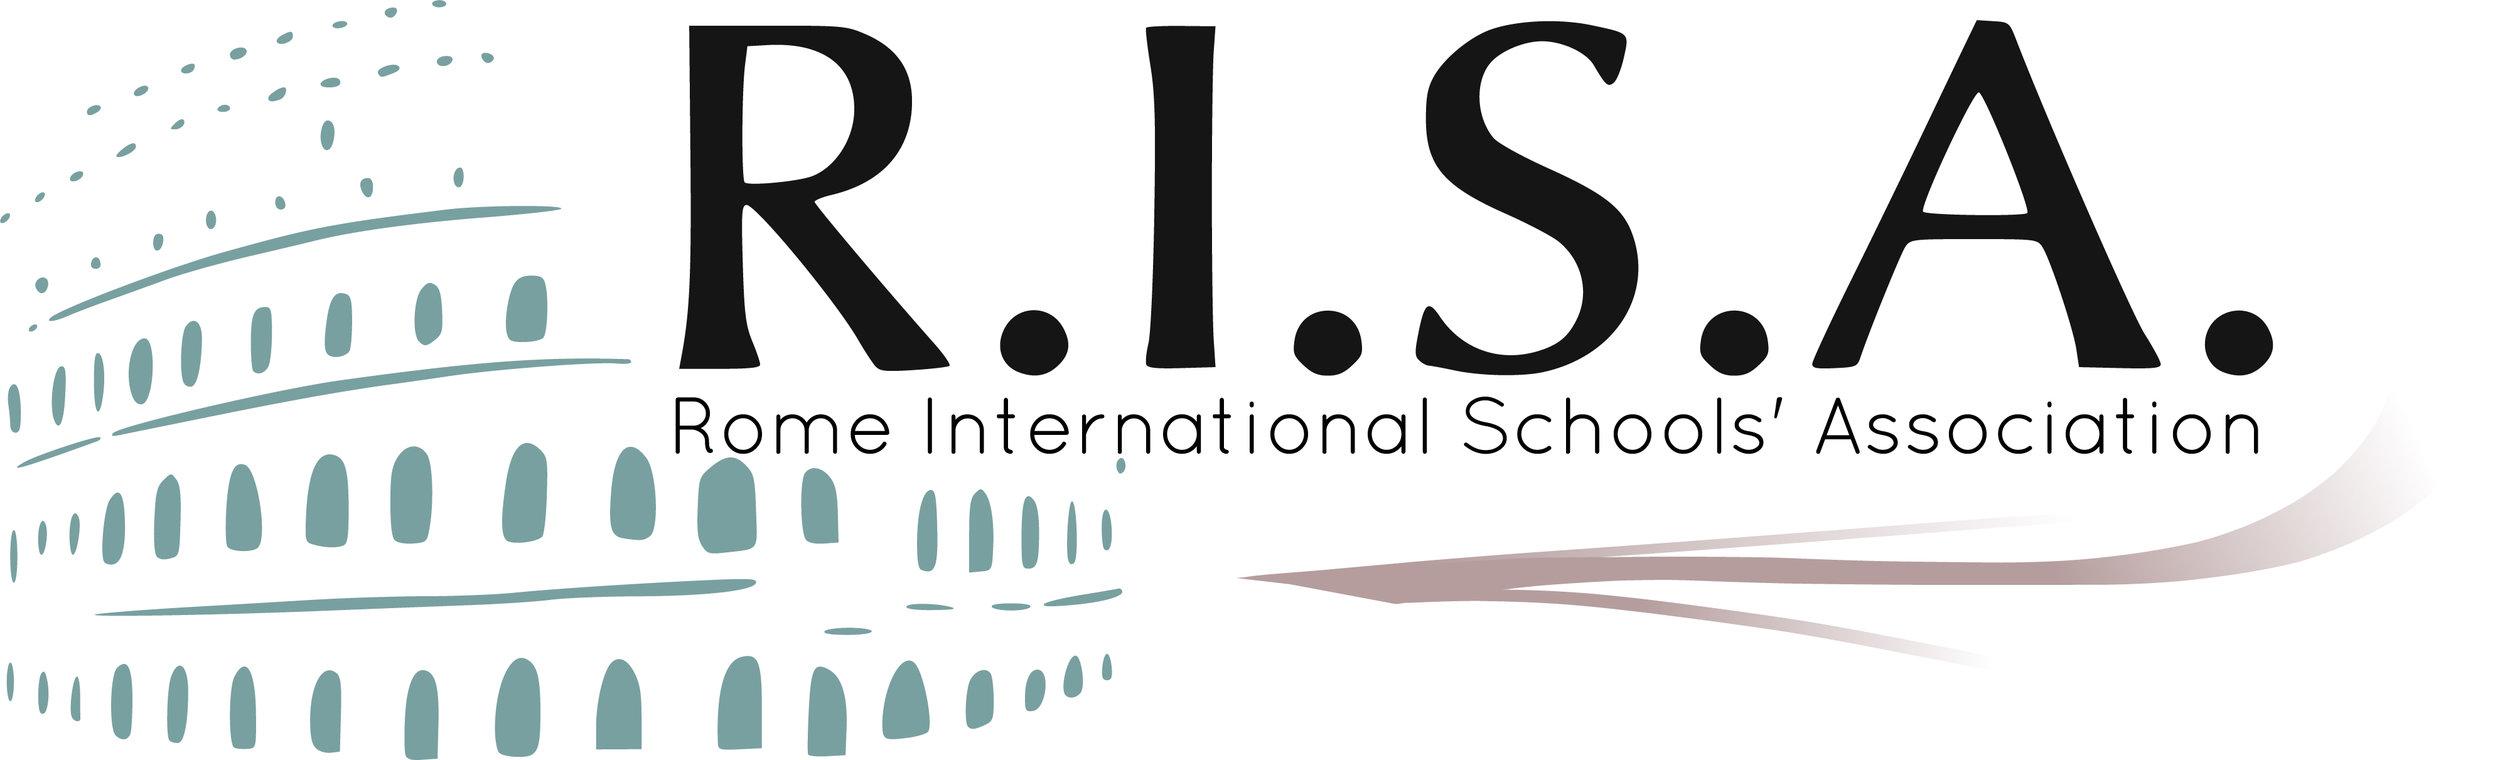 Member of RISA